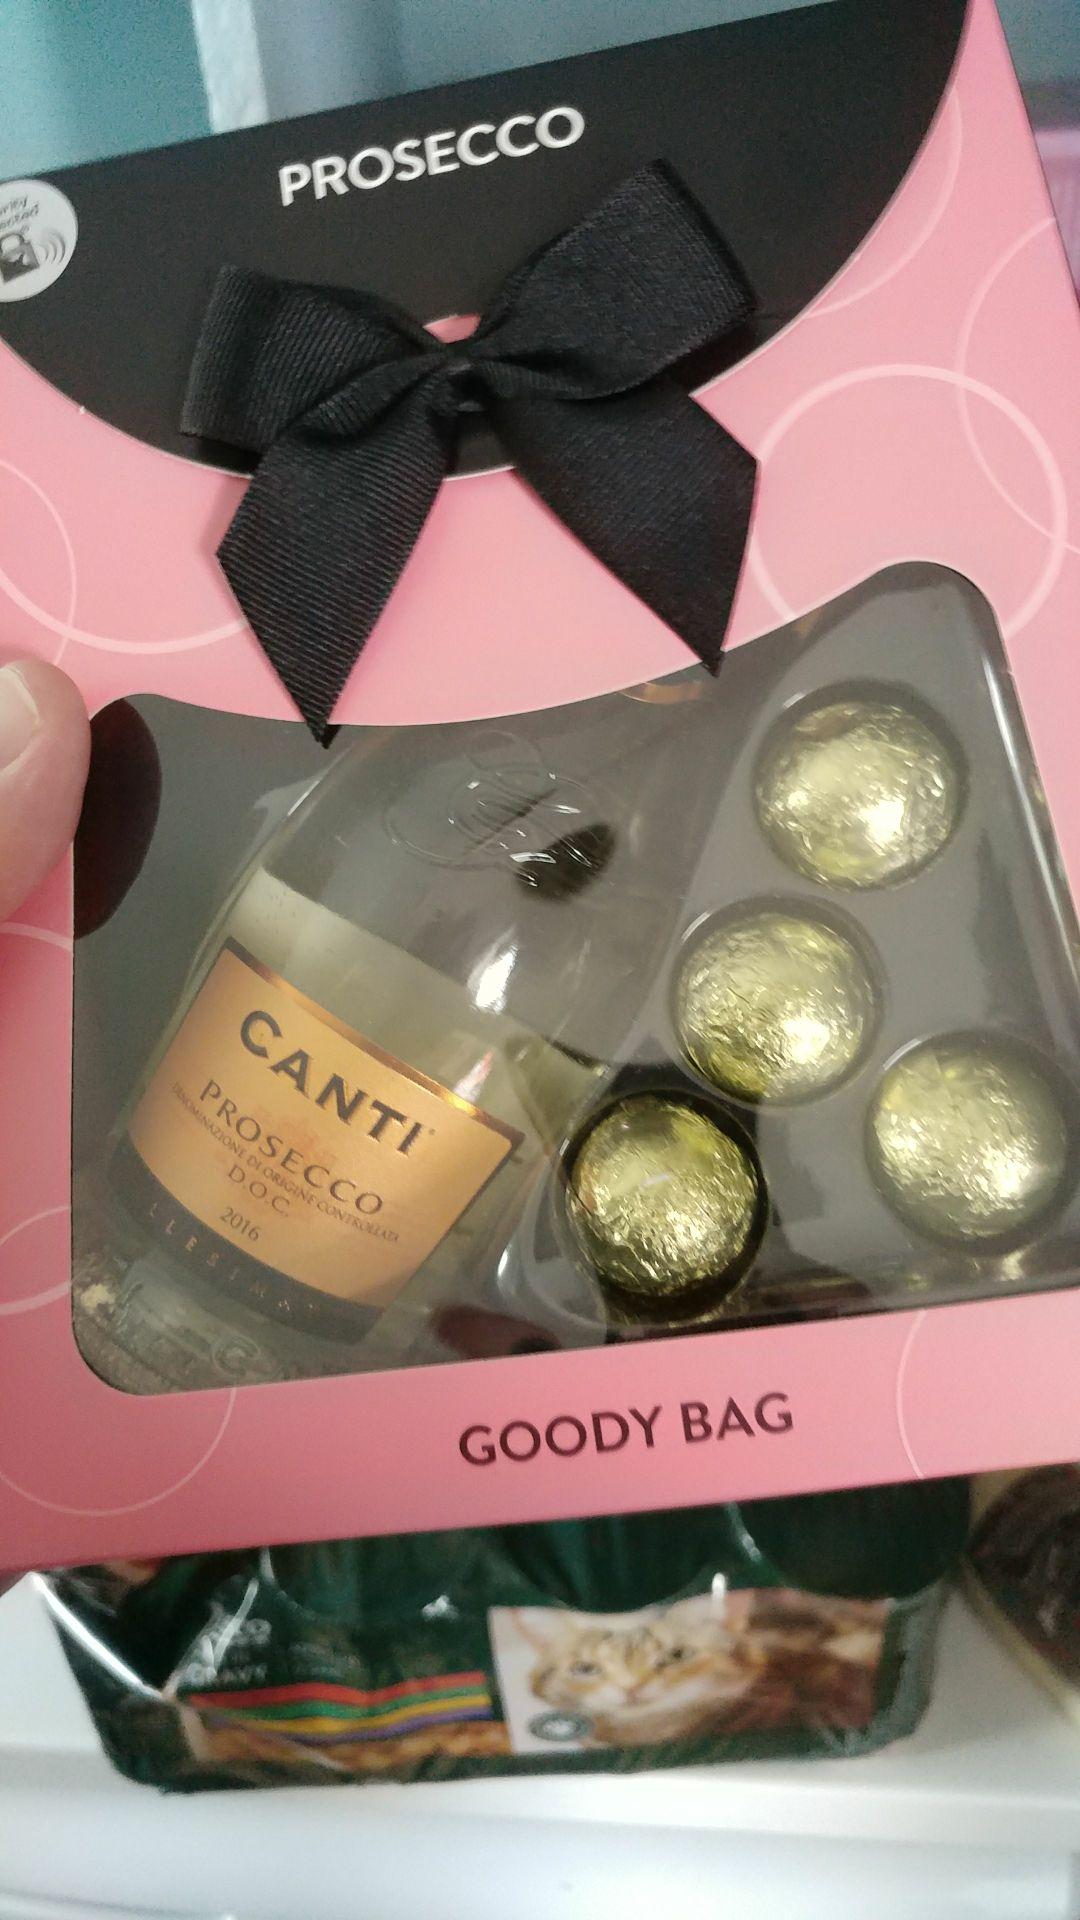 Tesco in store canti prosecco gift set - £1.50 (Maldon store)